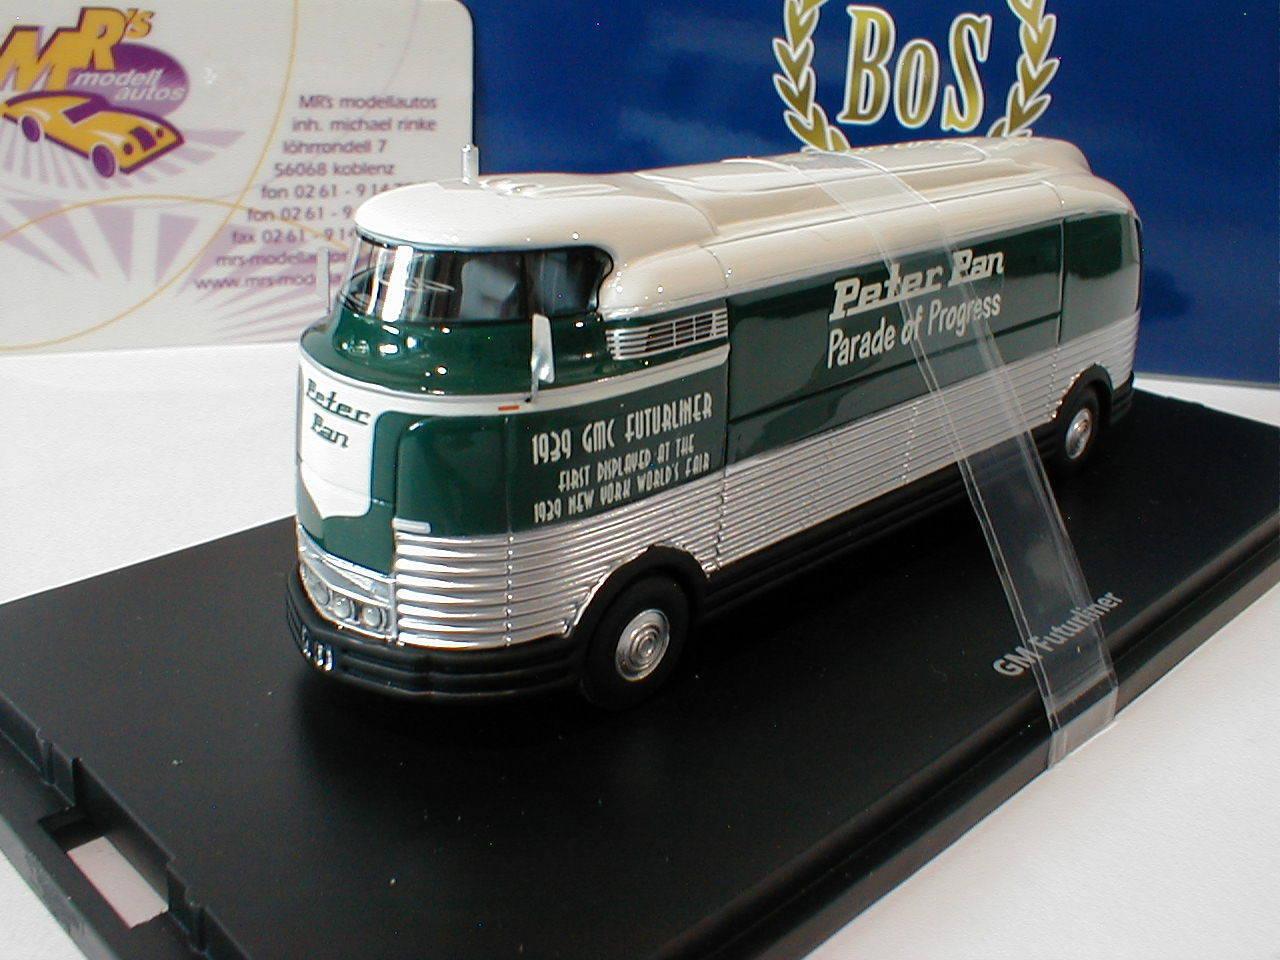 Best of Show 87266 - GM Futurliner Baujahr 1941 in   weiß,grün,silber   1 87  | Treten Sie ein in die Welt der Spielzeuge und finden Sie eine Quelle des Glücks